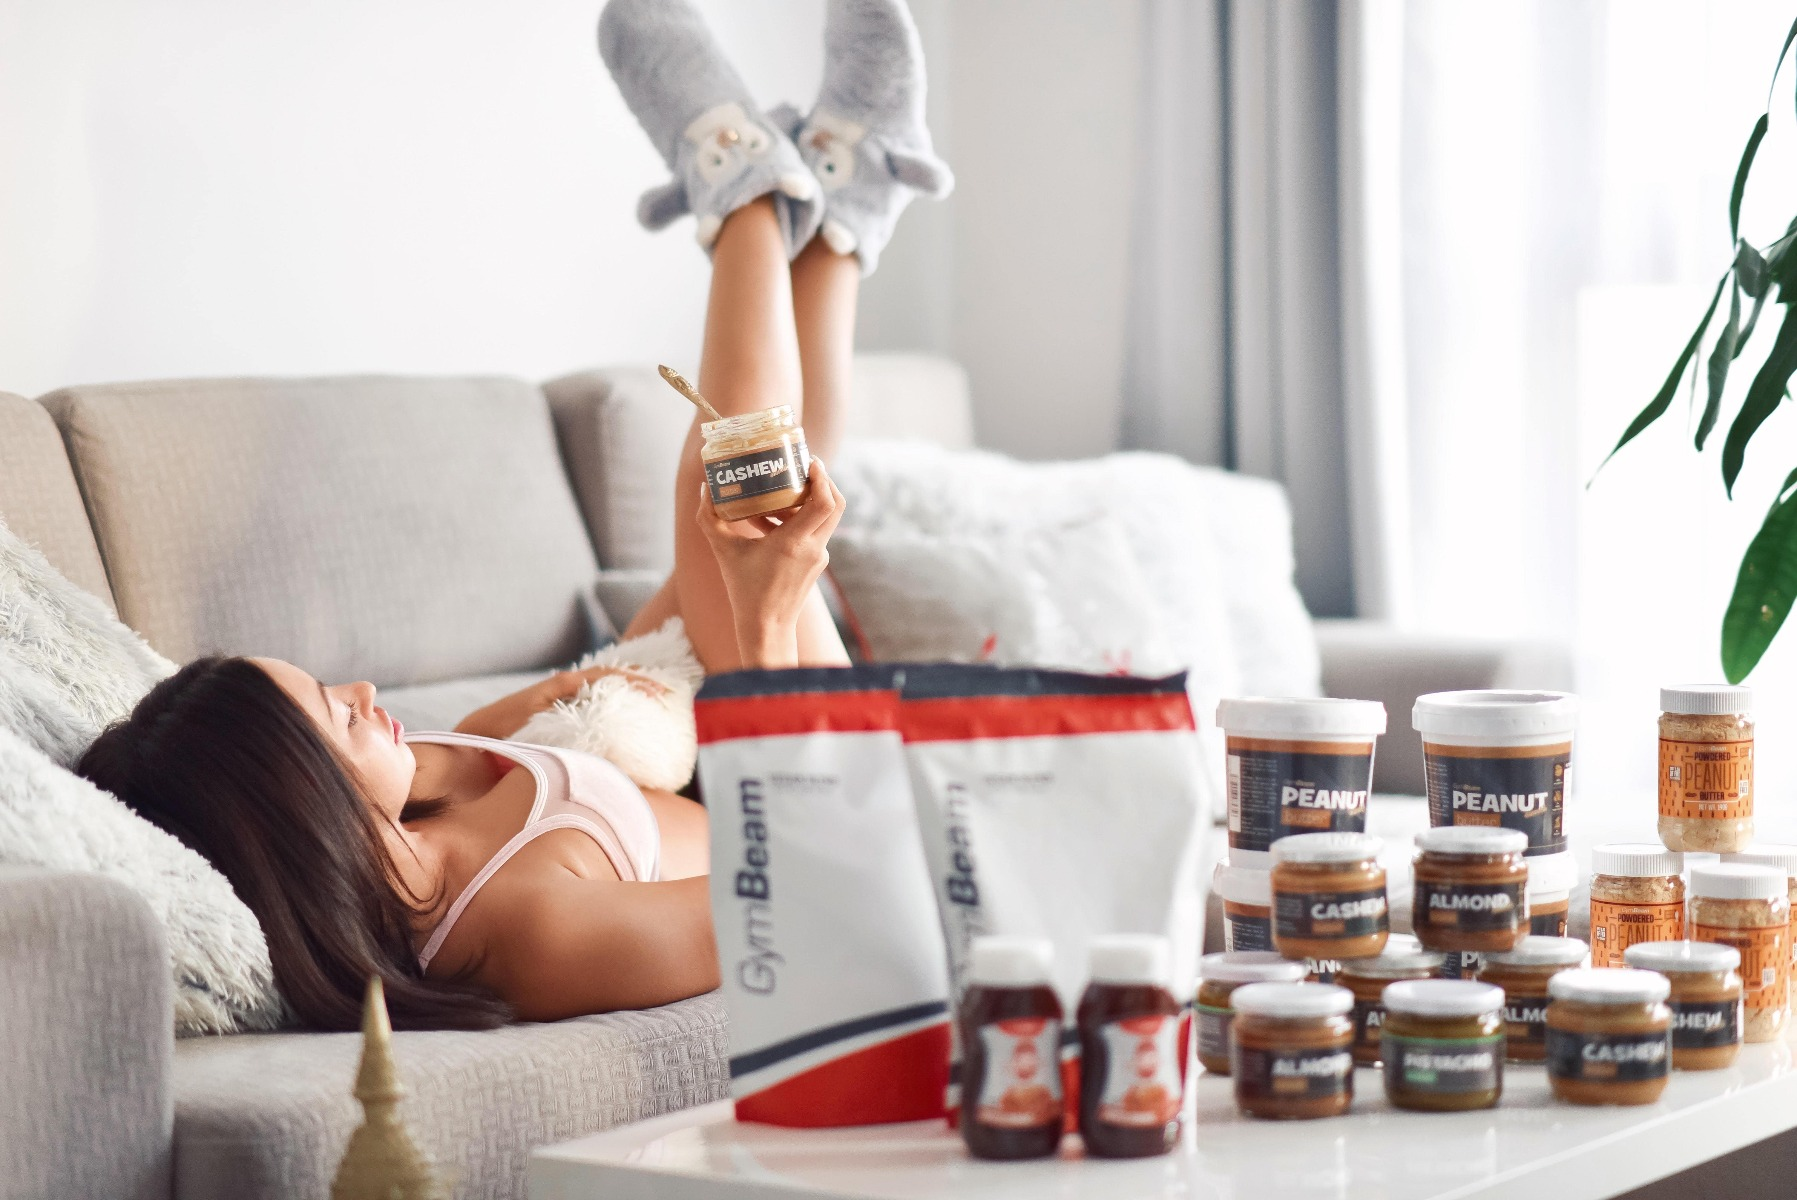 Regulieren Sie die Reihe von ungesunden Snacks